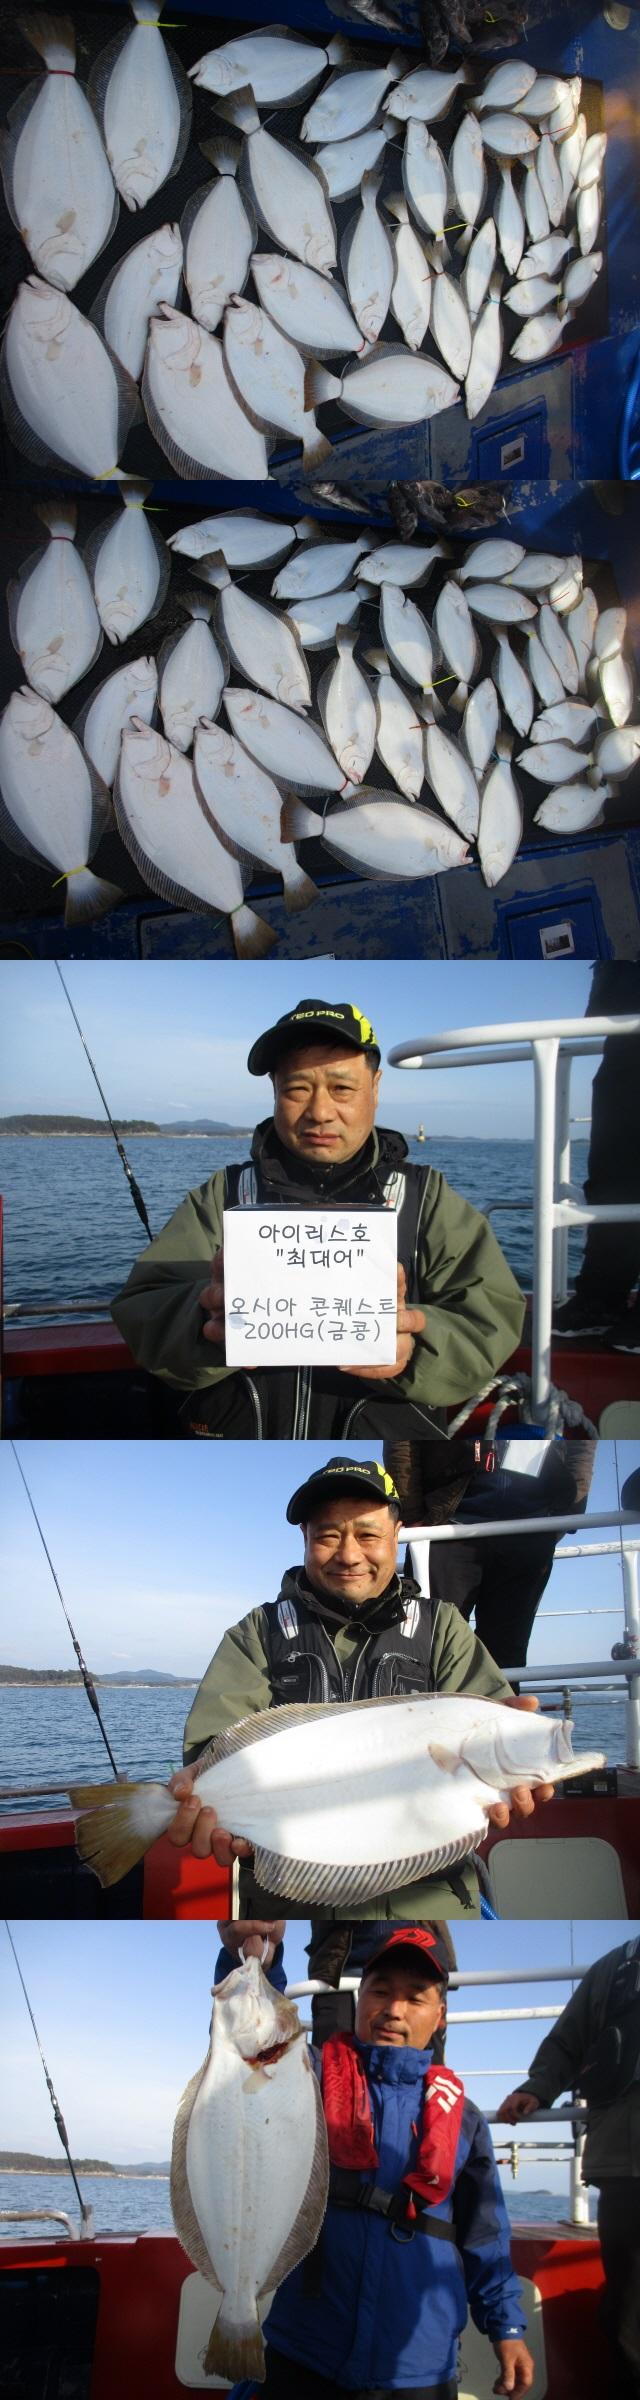 """""""아이리스호"""" 4월 28일 광어다운샷 이벤트출조 조황입니다.."""